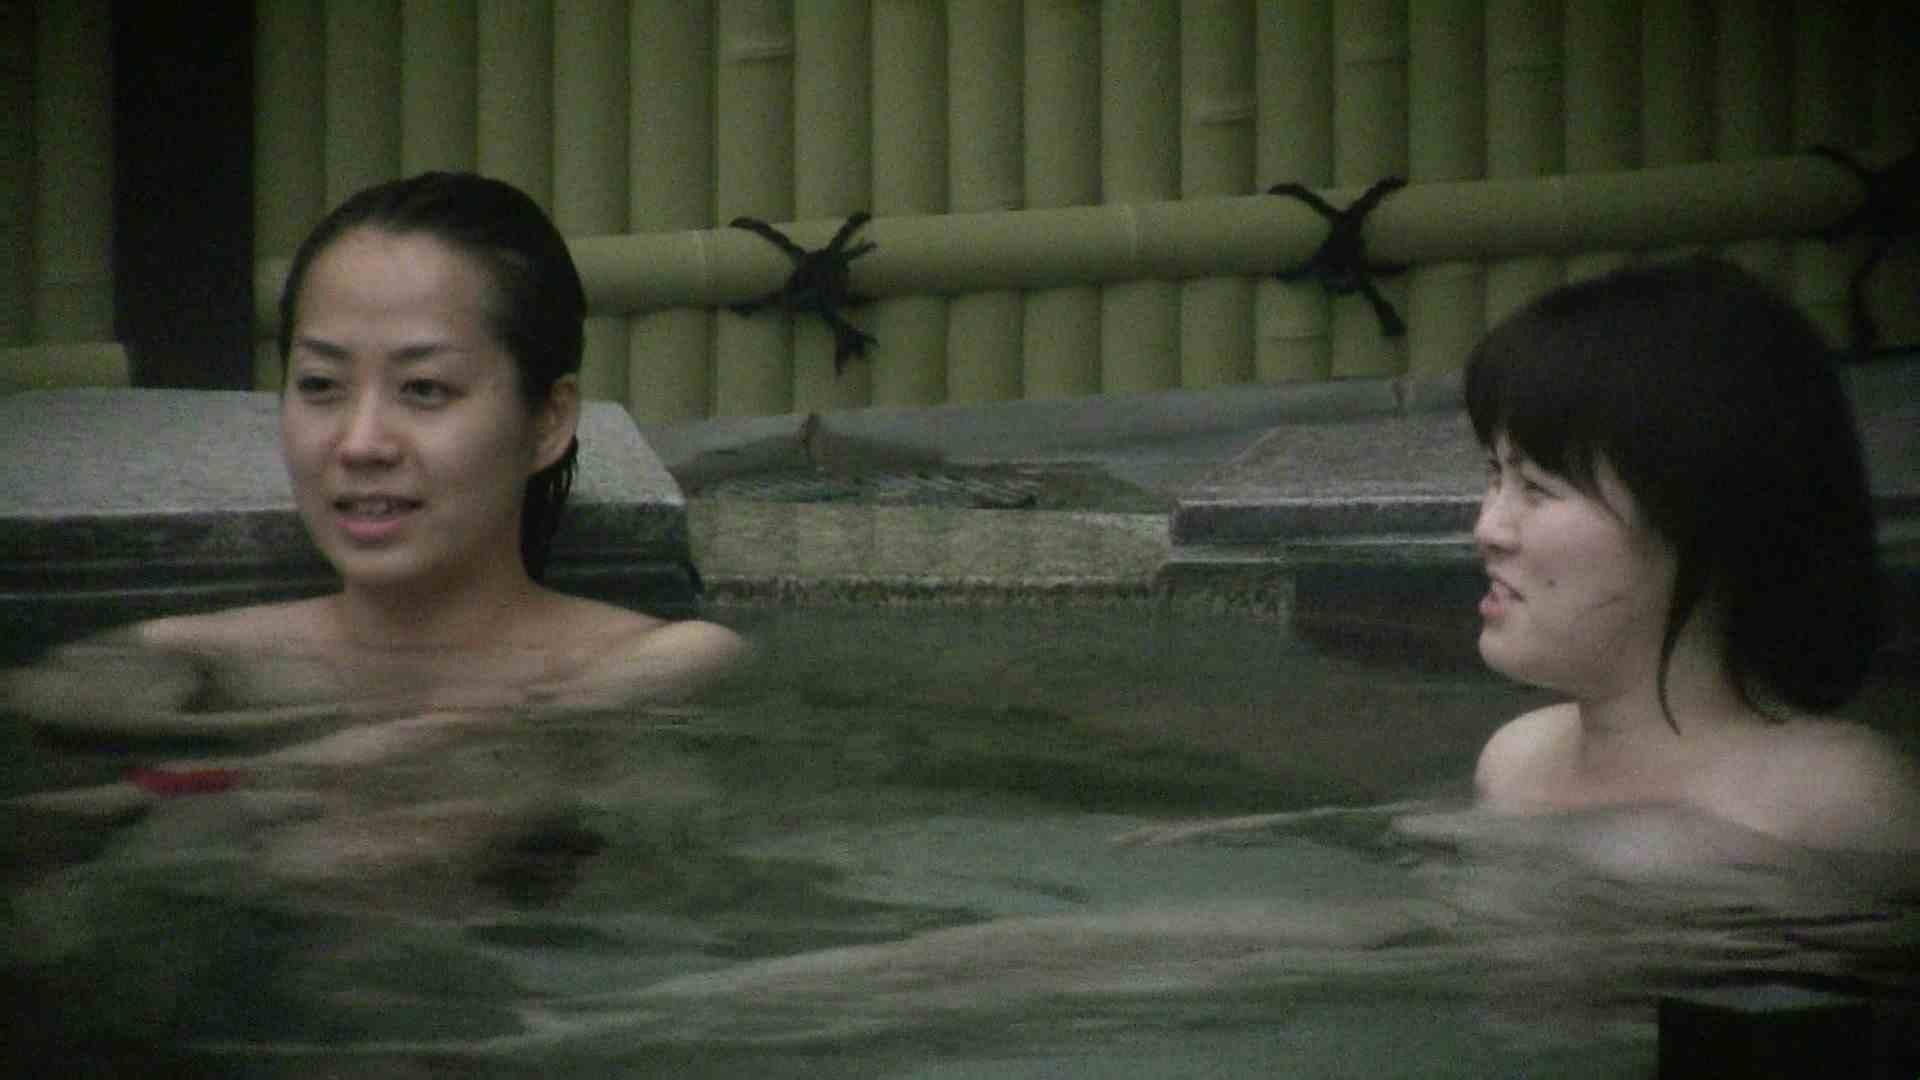 Aquaな露天風呂Vol.539 露天 | 綺麗なOLたち  50枚 19